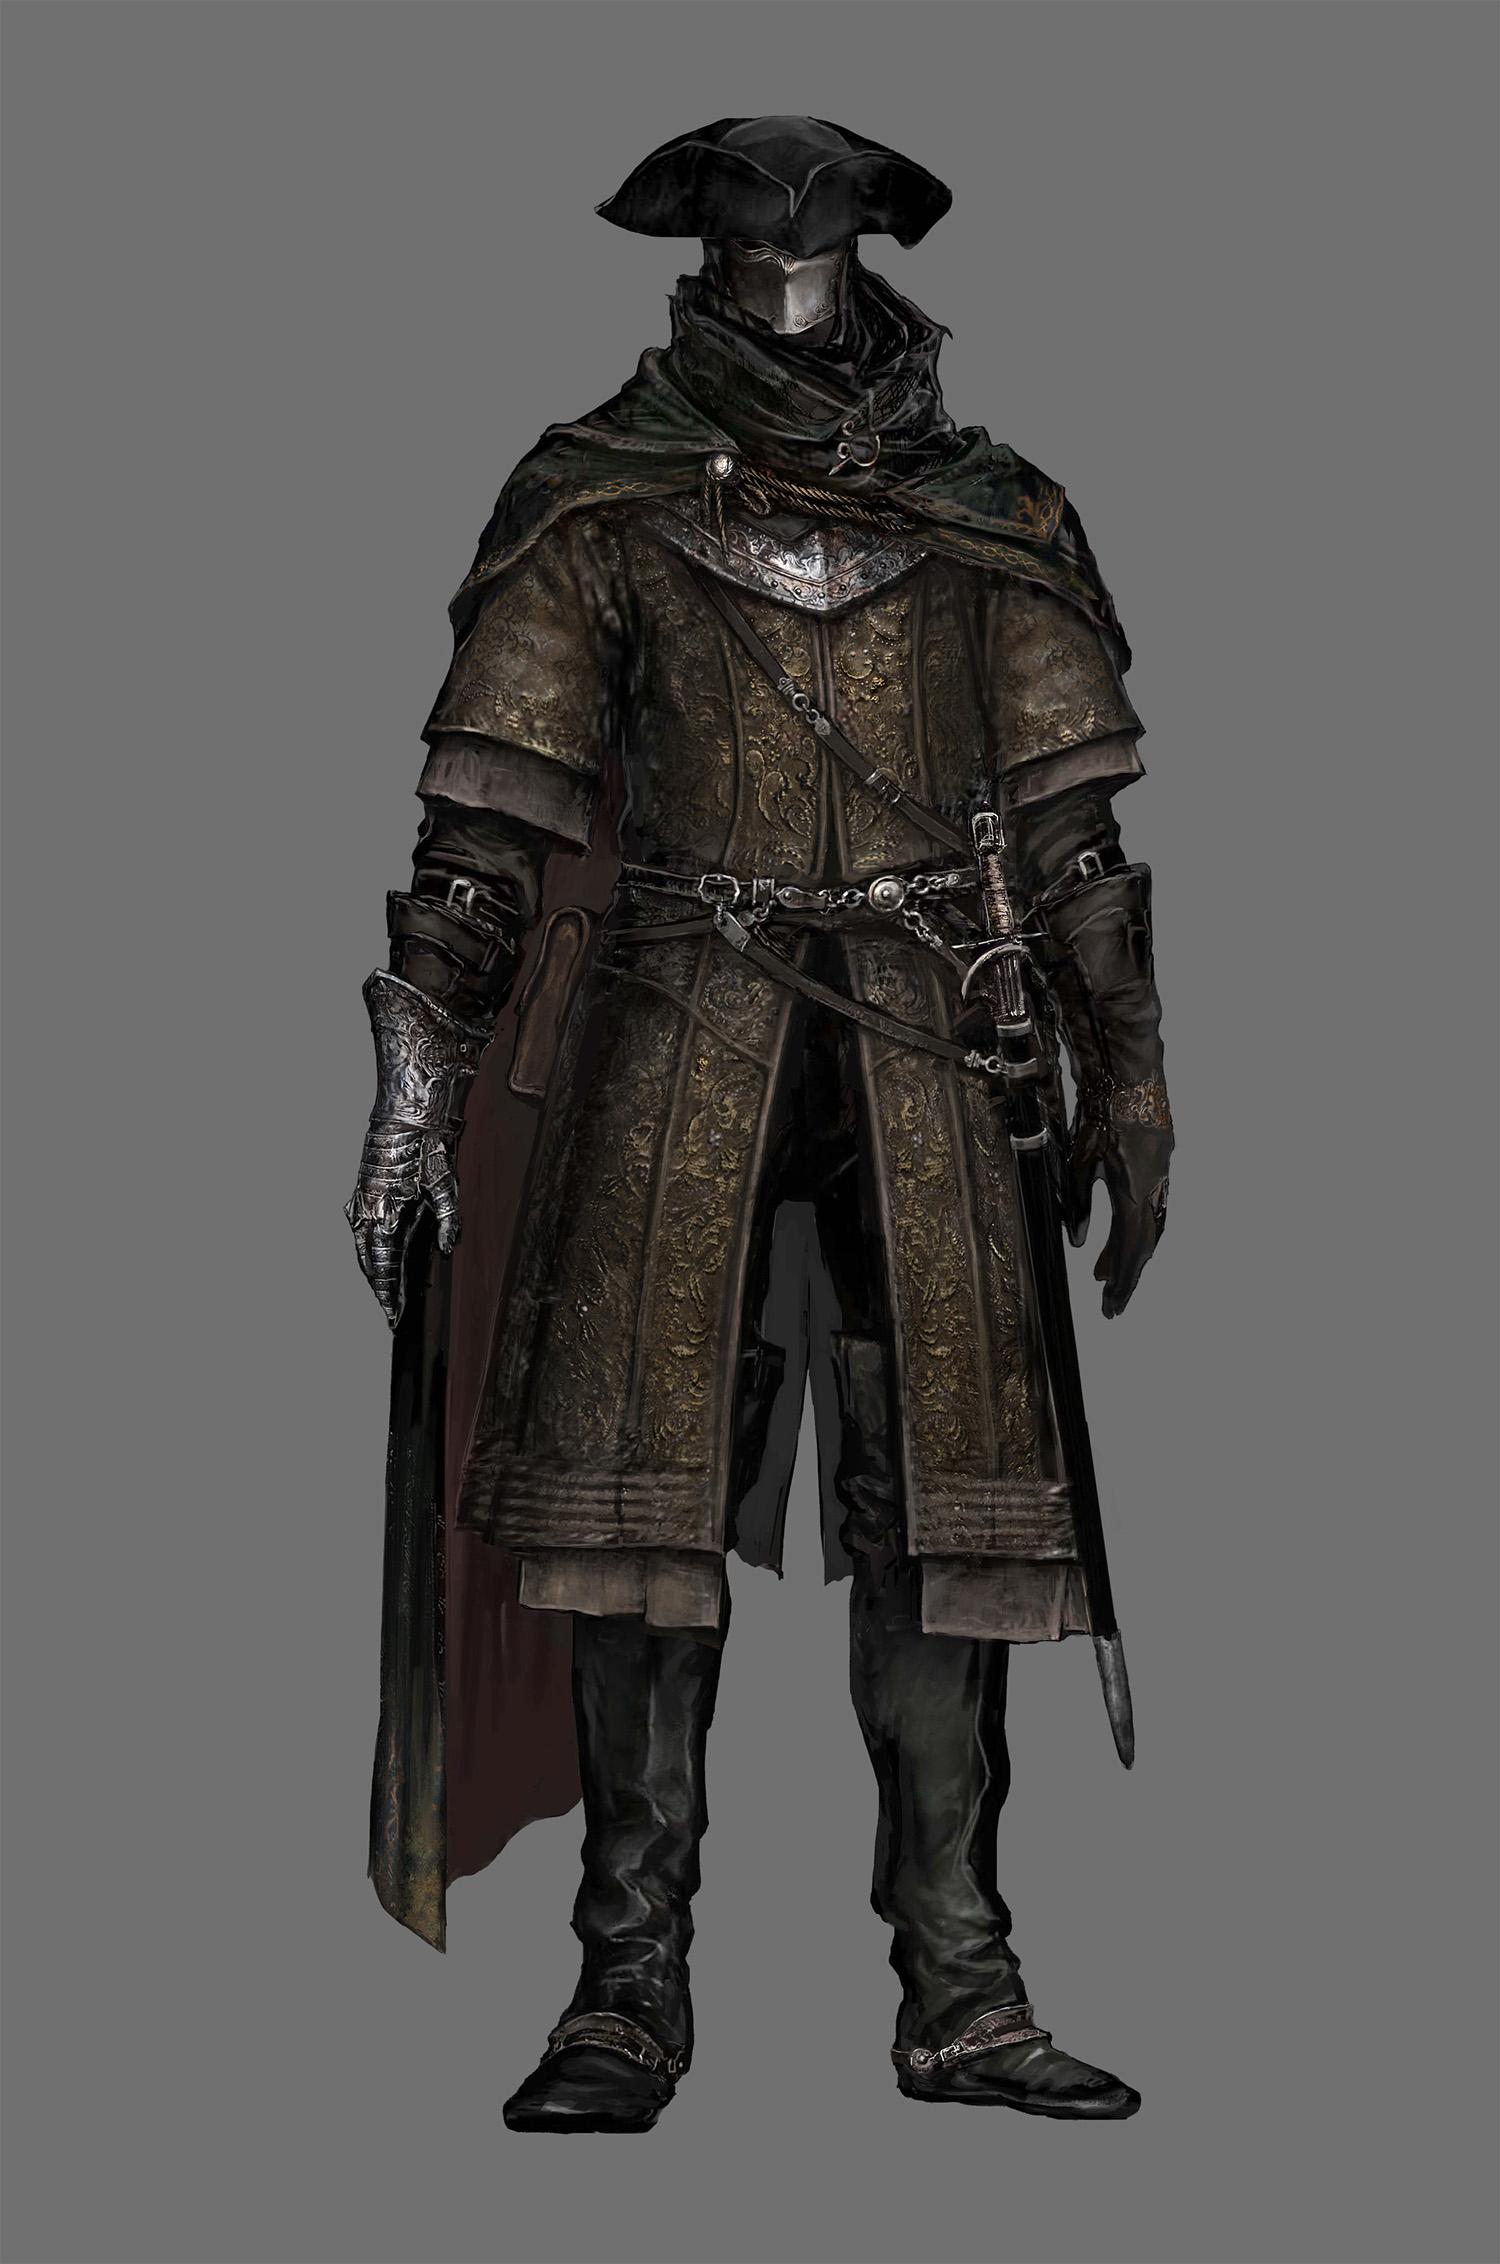 Nové obrázky a artworky z Dark Souls 3 114966